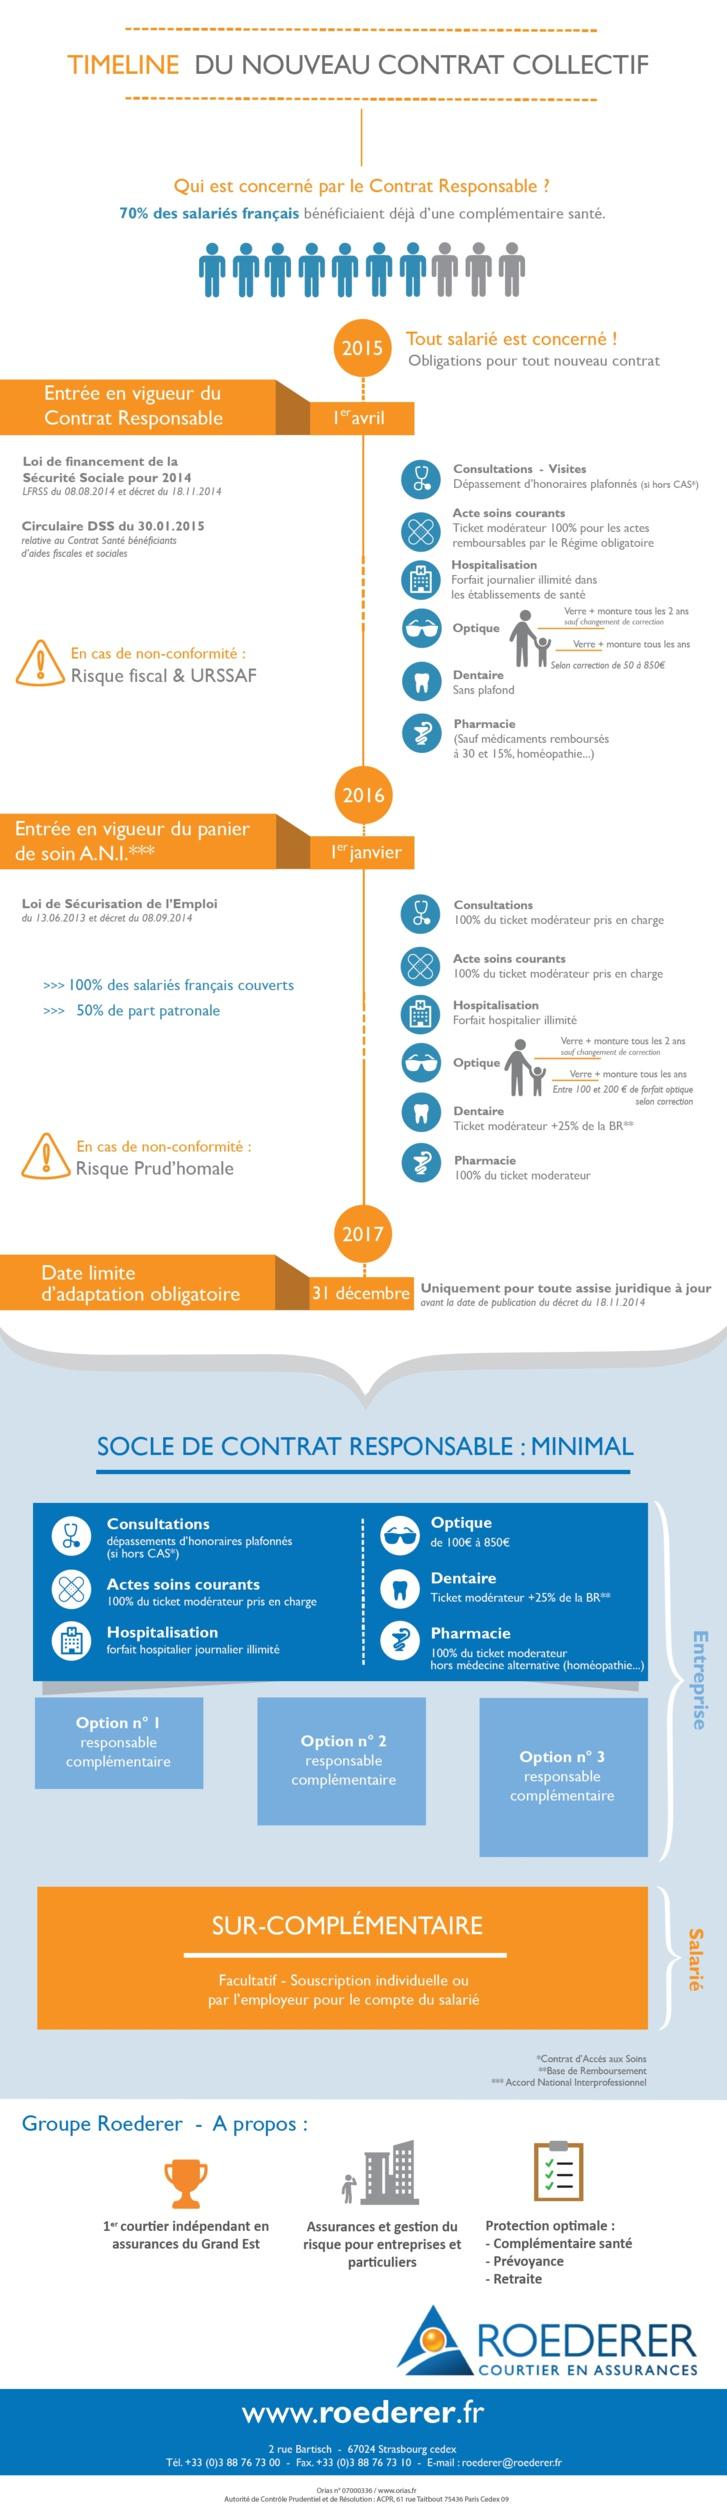 Infographie : La loi ANI et les contrats responsables